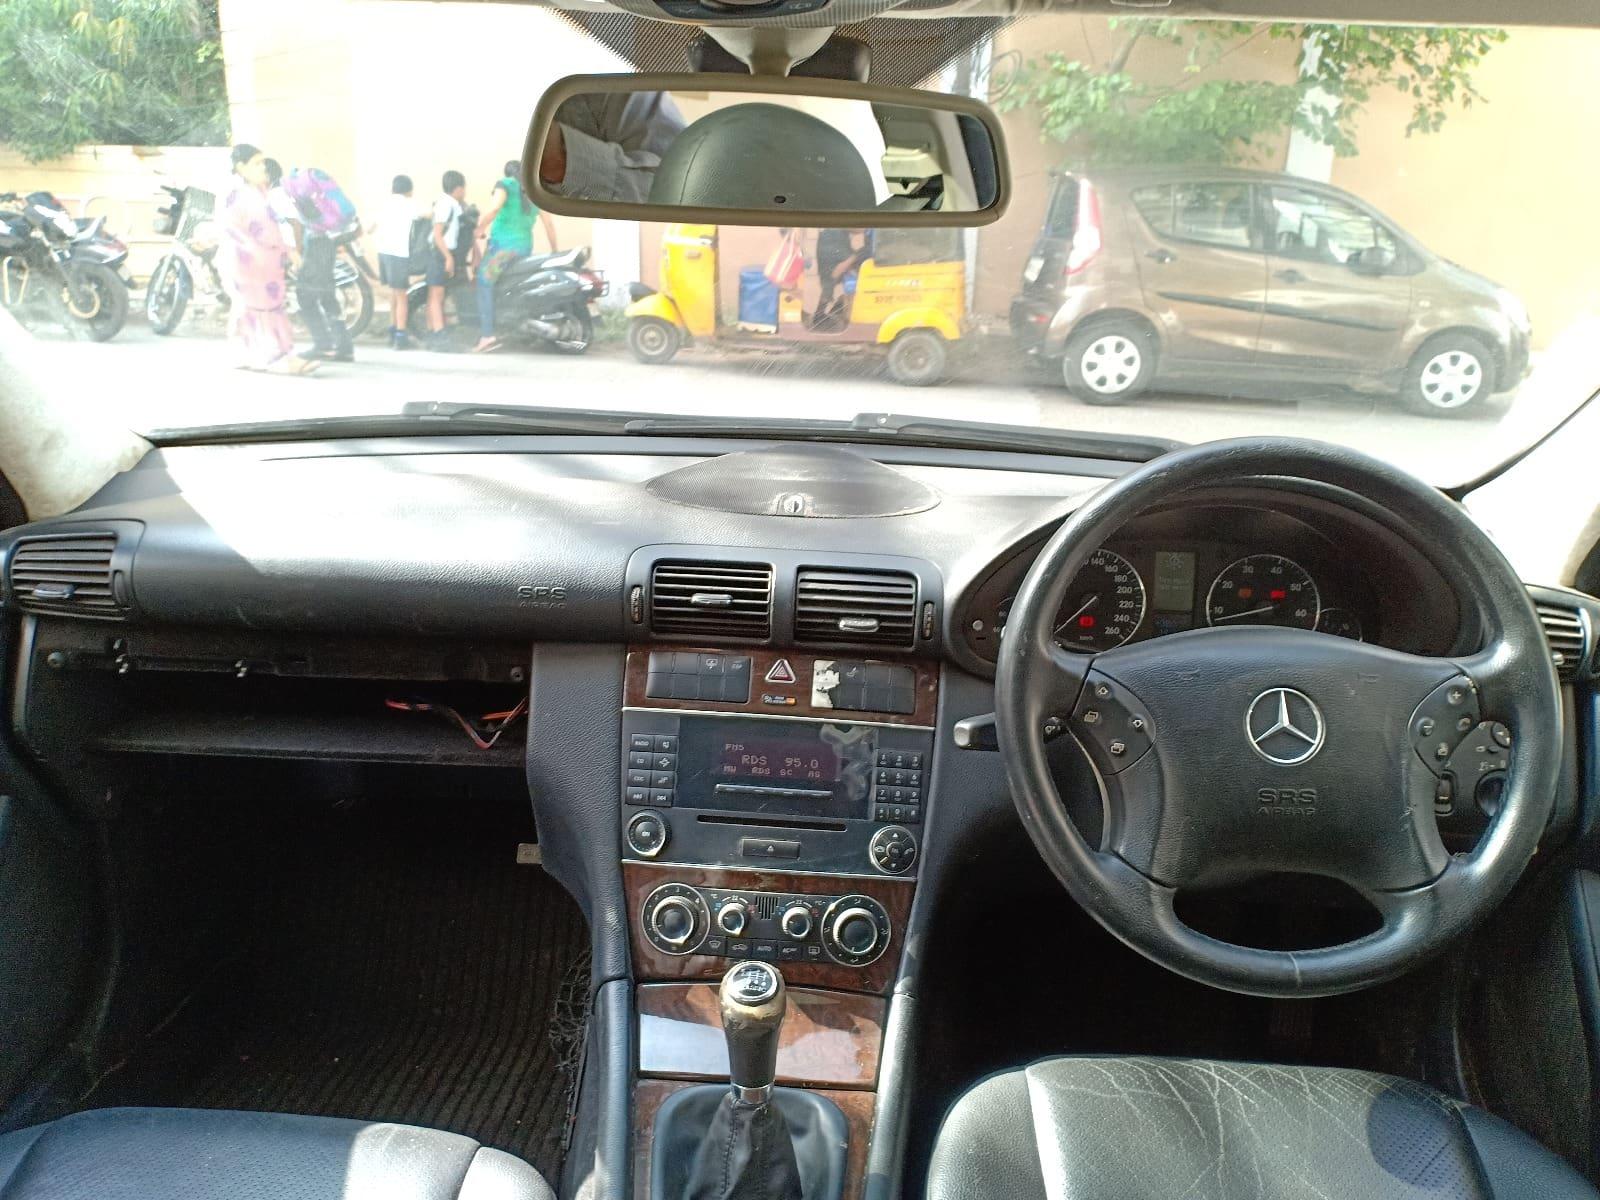 Mercedes-Benz C-Class 200 Kompressor